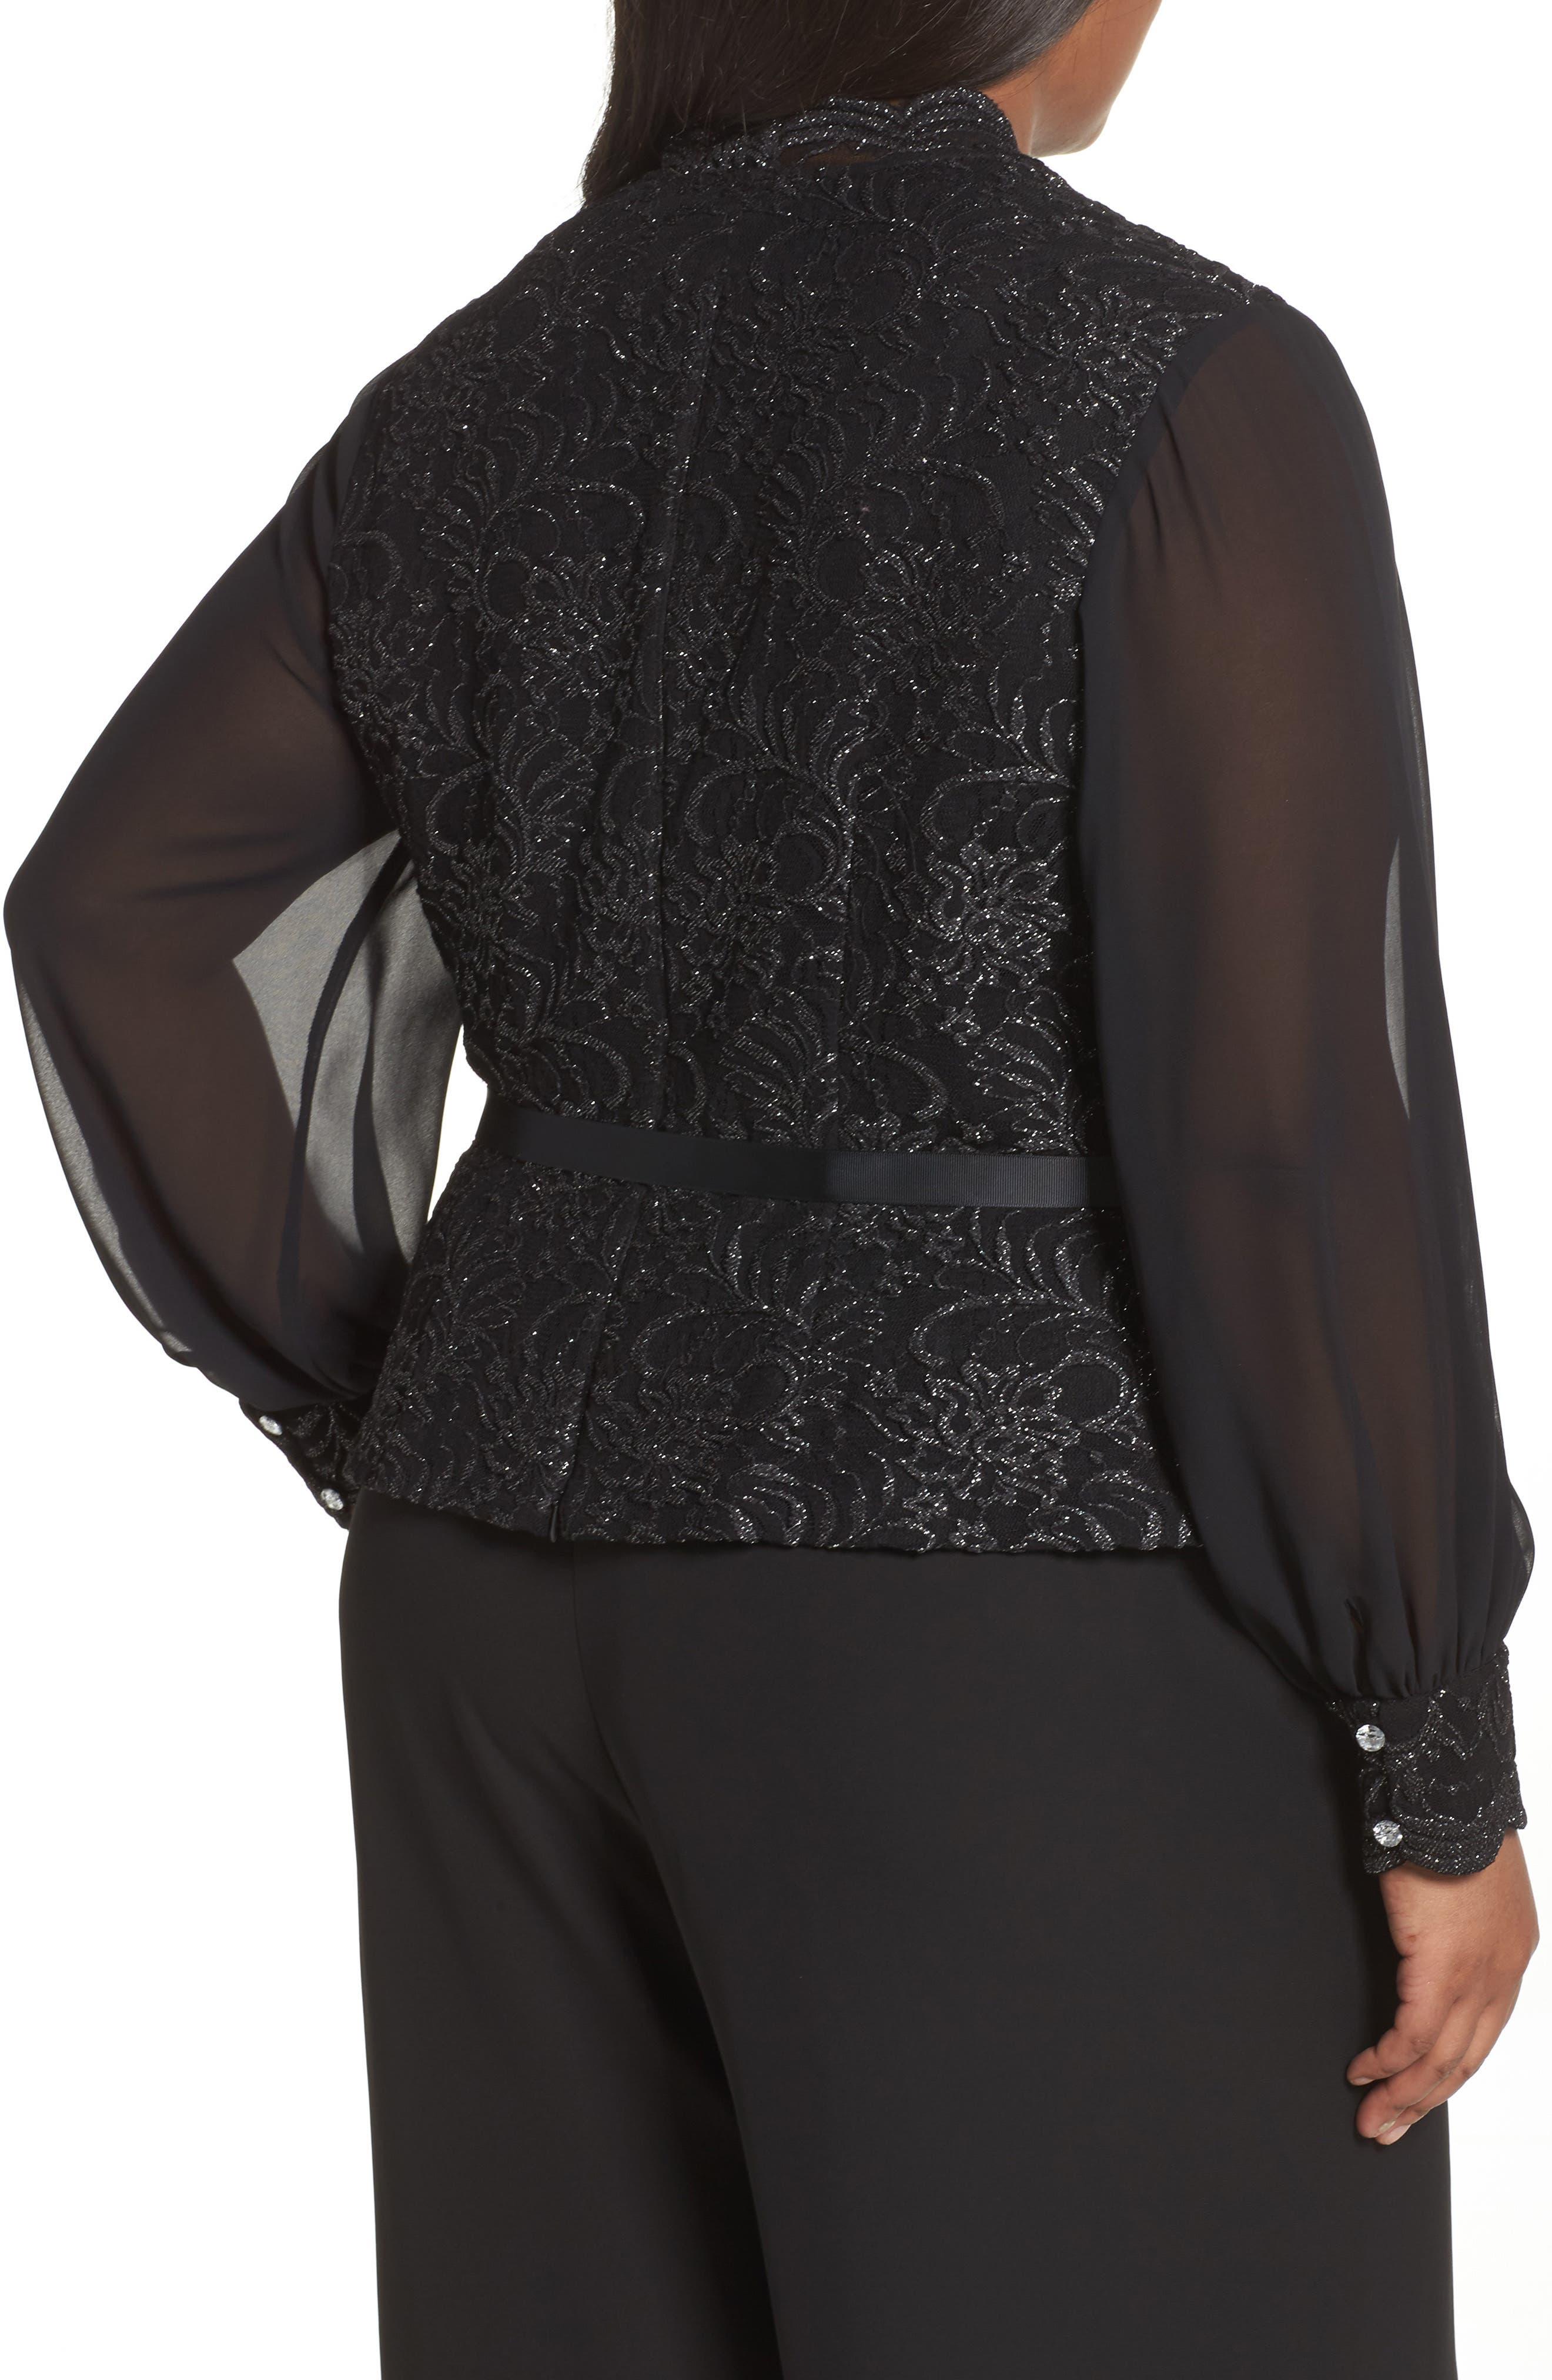 Alternate Image 2  - Alex Evenings Sequin Lace Blouse with Tie Waist (Plus Size)